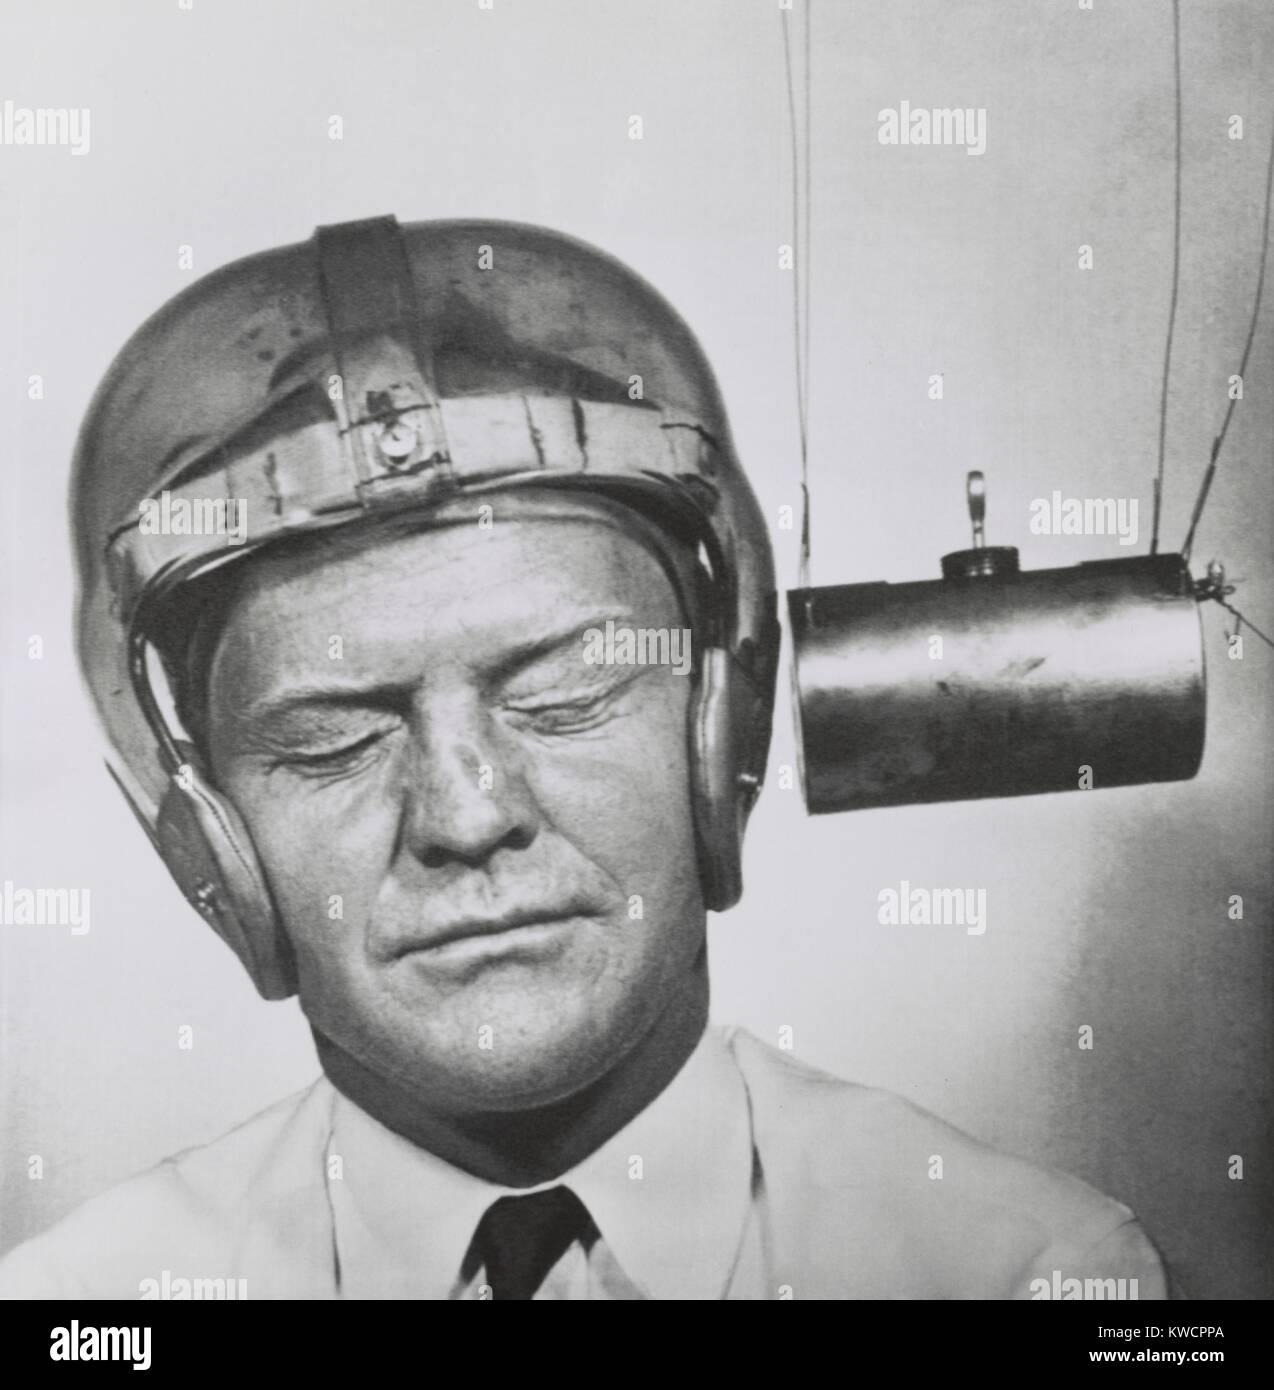 Péndulo golpeando un plástico casco usado para probar para mejorar tocados para jugadores de fútbol. Sept.13, 1950 - (BSLOC_2015_1_219) Foto de stock